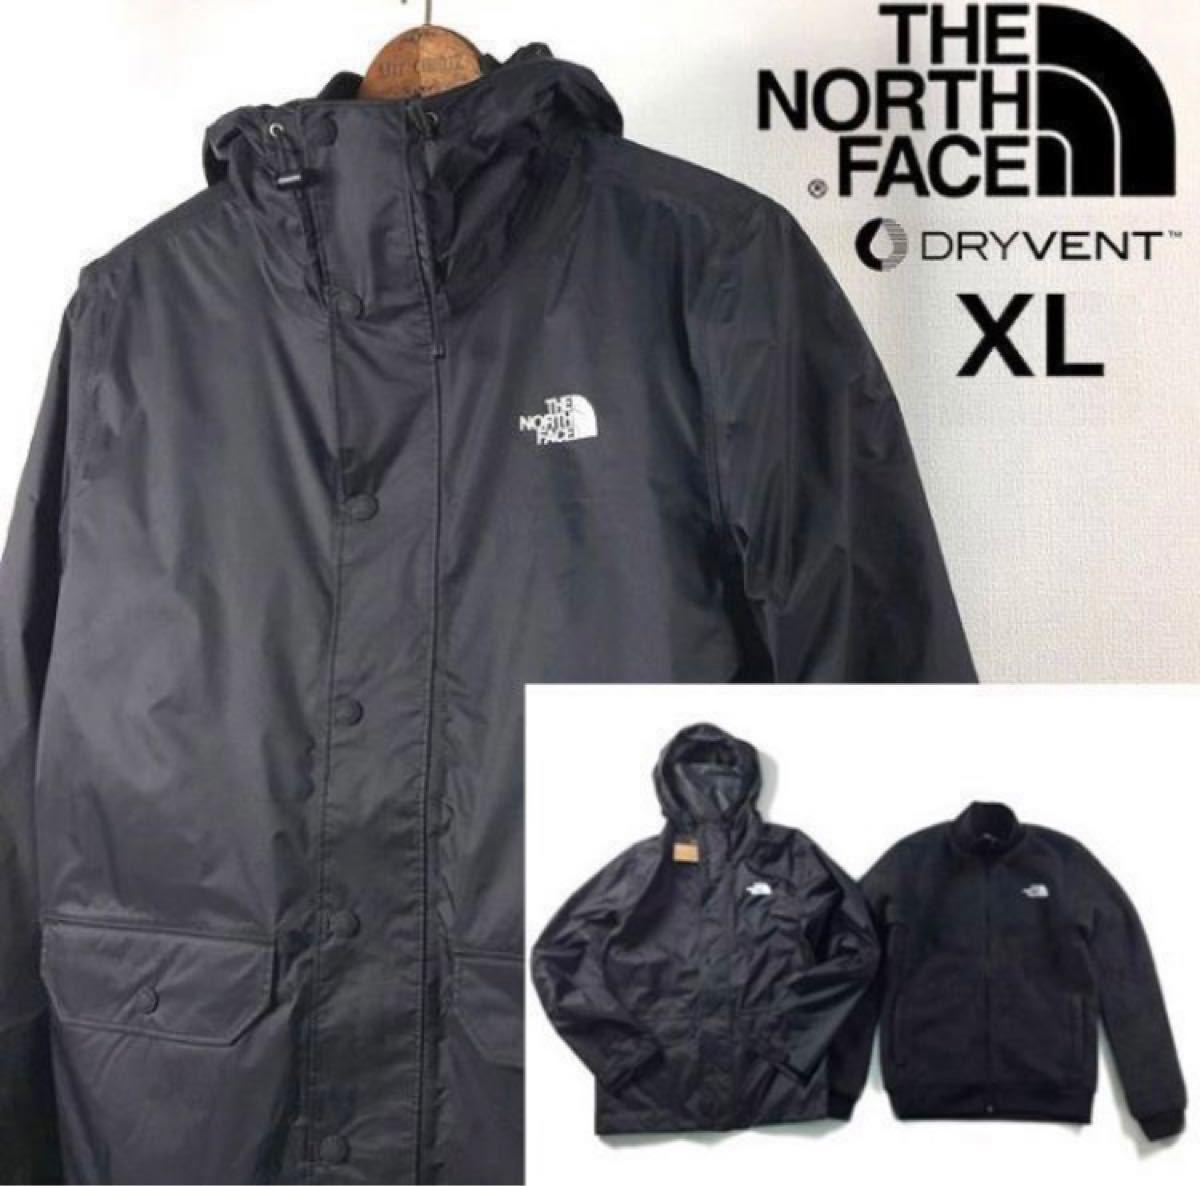 THE NORTH FACE SEQUOIA トリクライメイト 3way パーカー マウンテンジャケット×フリース US限定 XL